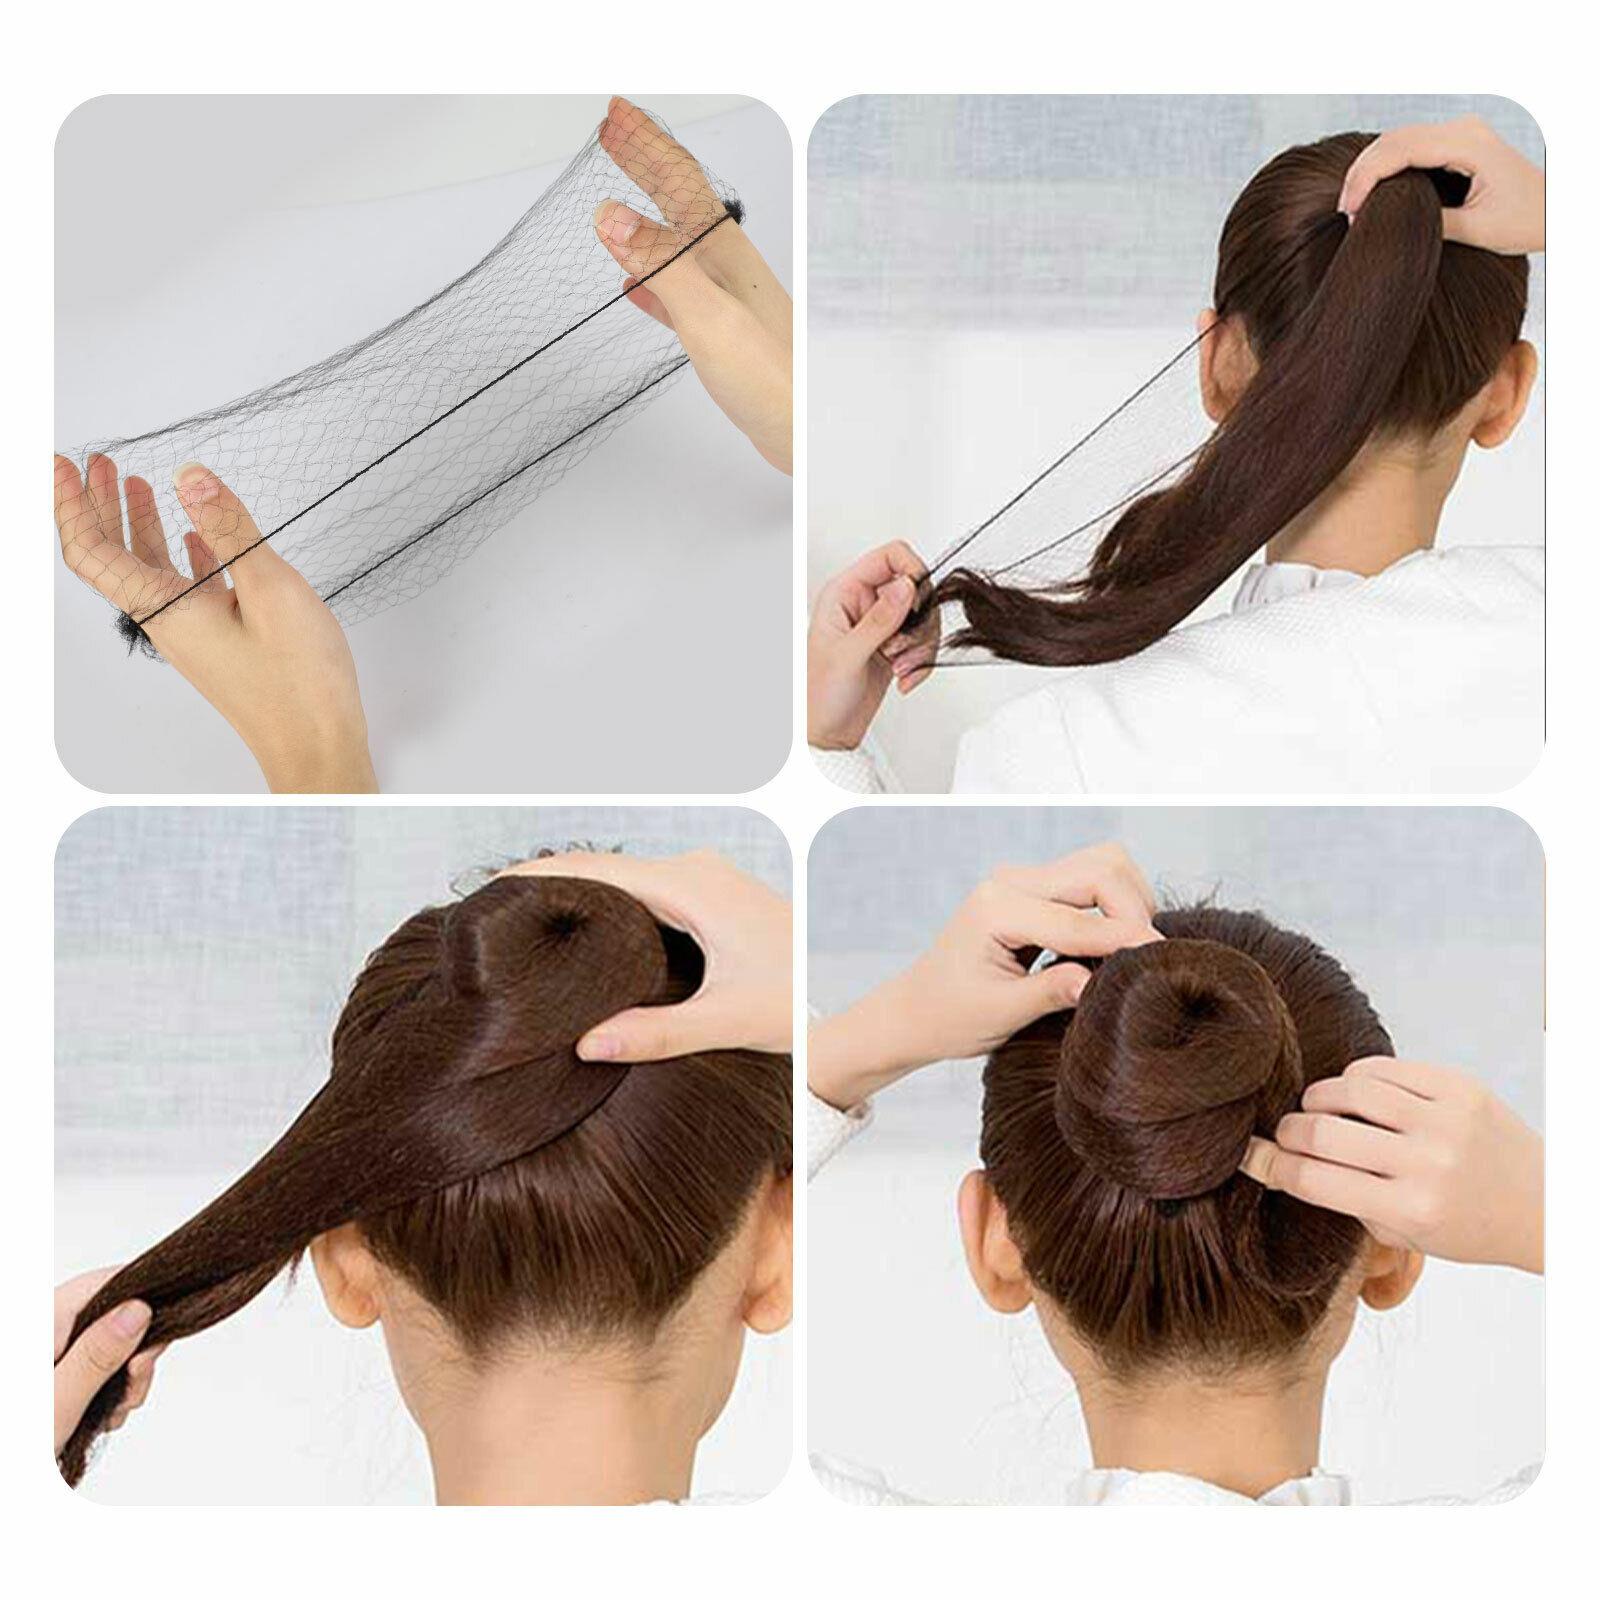 100200PCS Invisible Hair Nets Bun Cover Elastic Edge Mesh Hairnet Stretch Cap